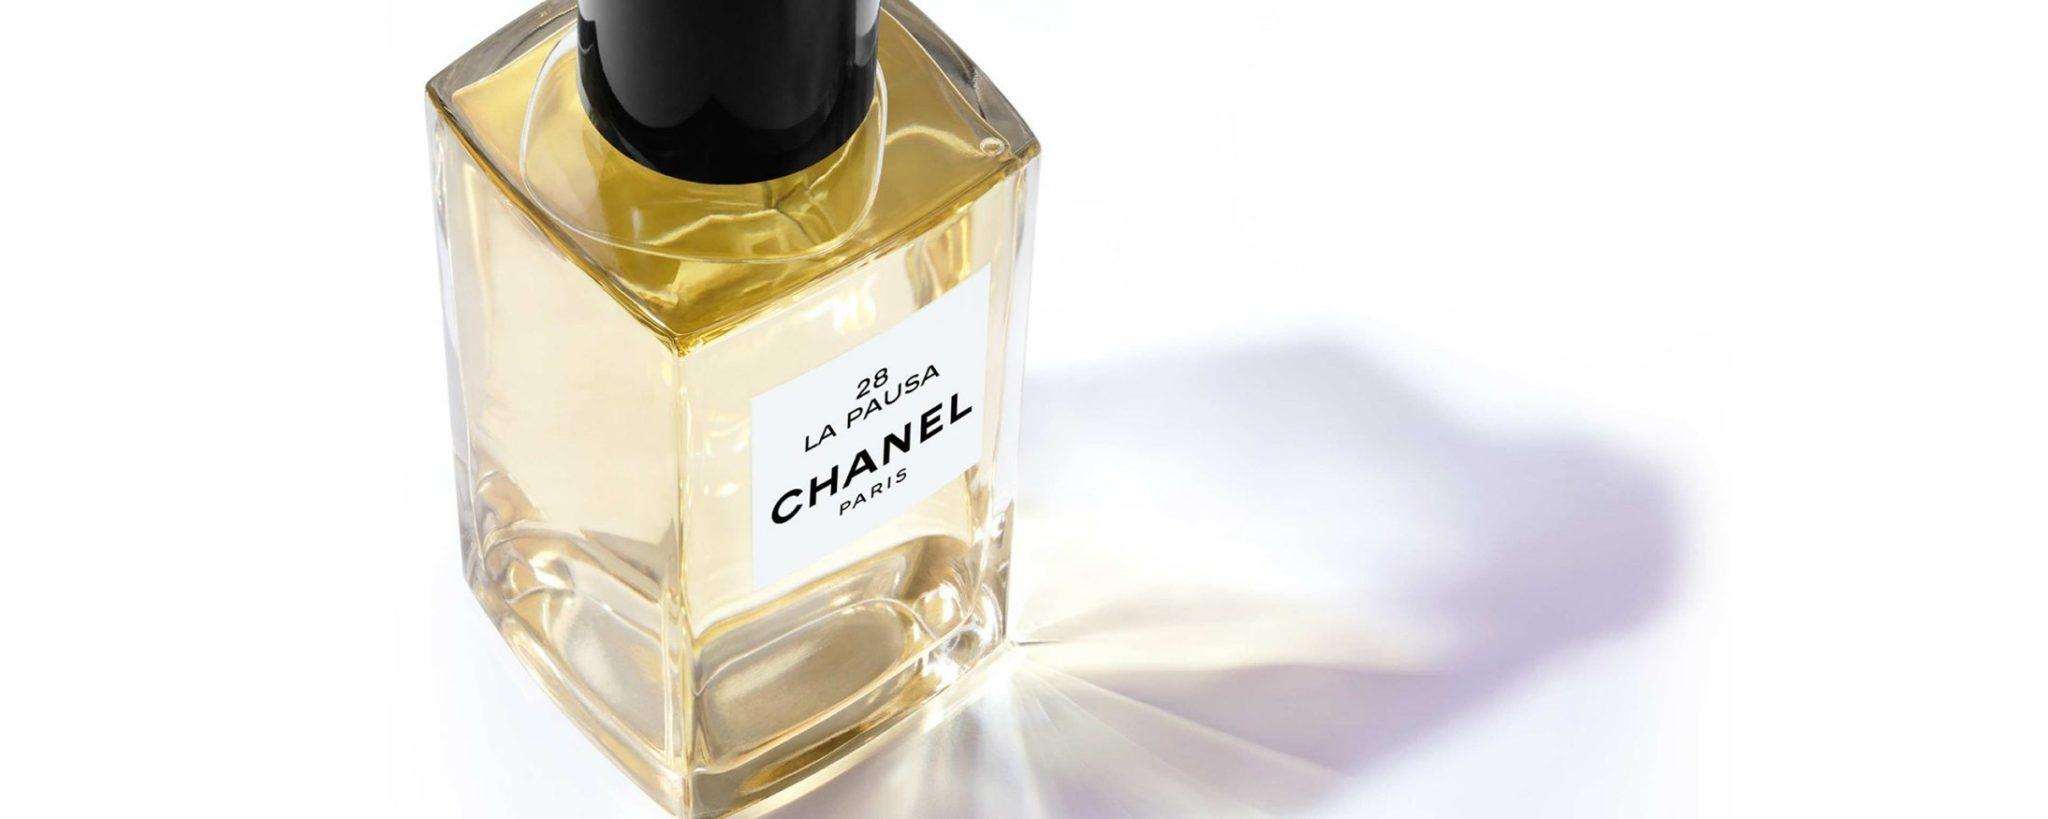 Chanel Les Exclusifs 28 La Pausa eau de parfum Esprit de Gabrielle jeronimodiparigi-dev-esprit-de-gabrielle.pf1.wpserveur.net